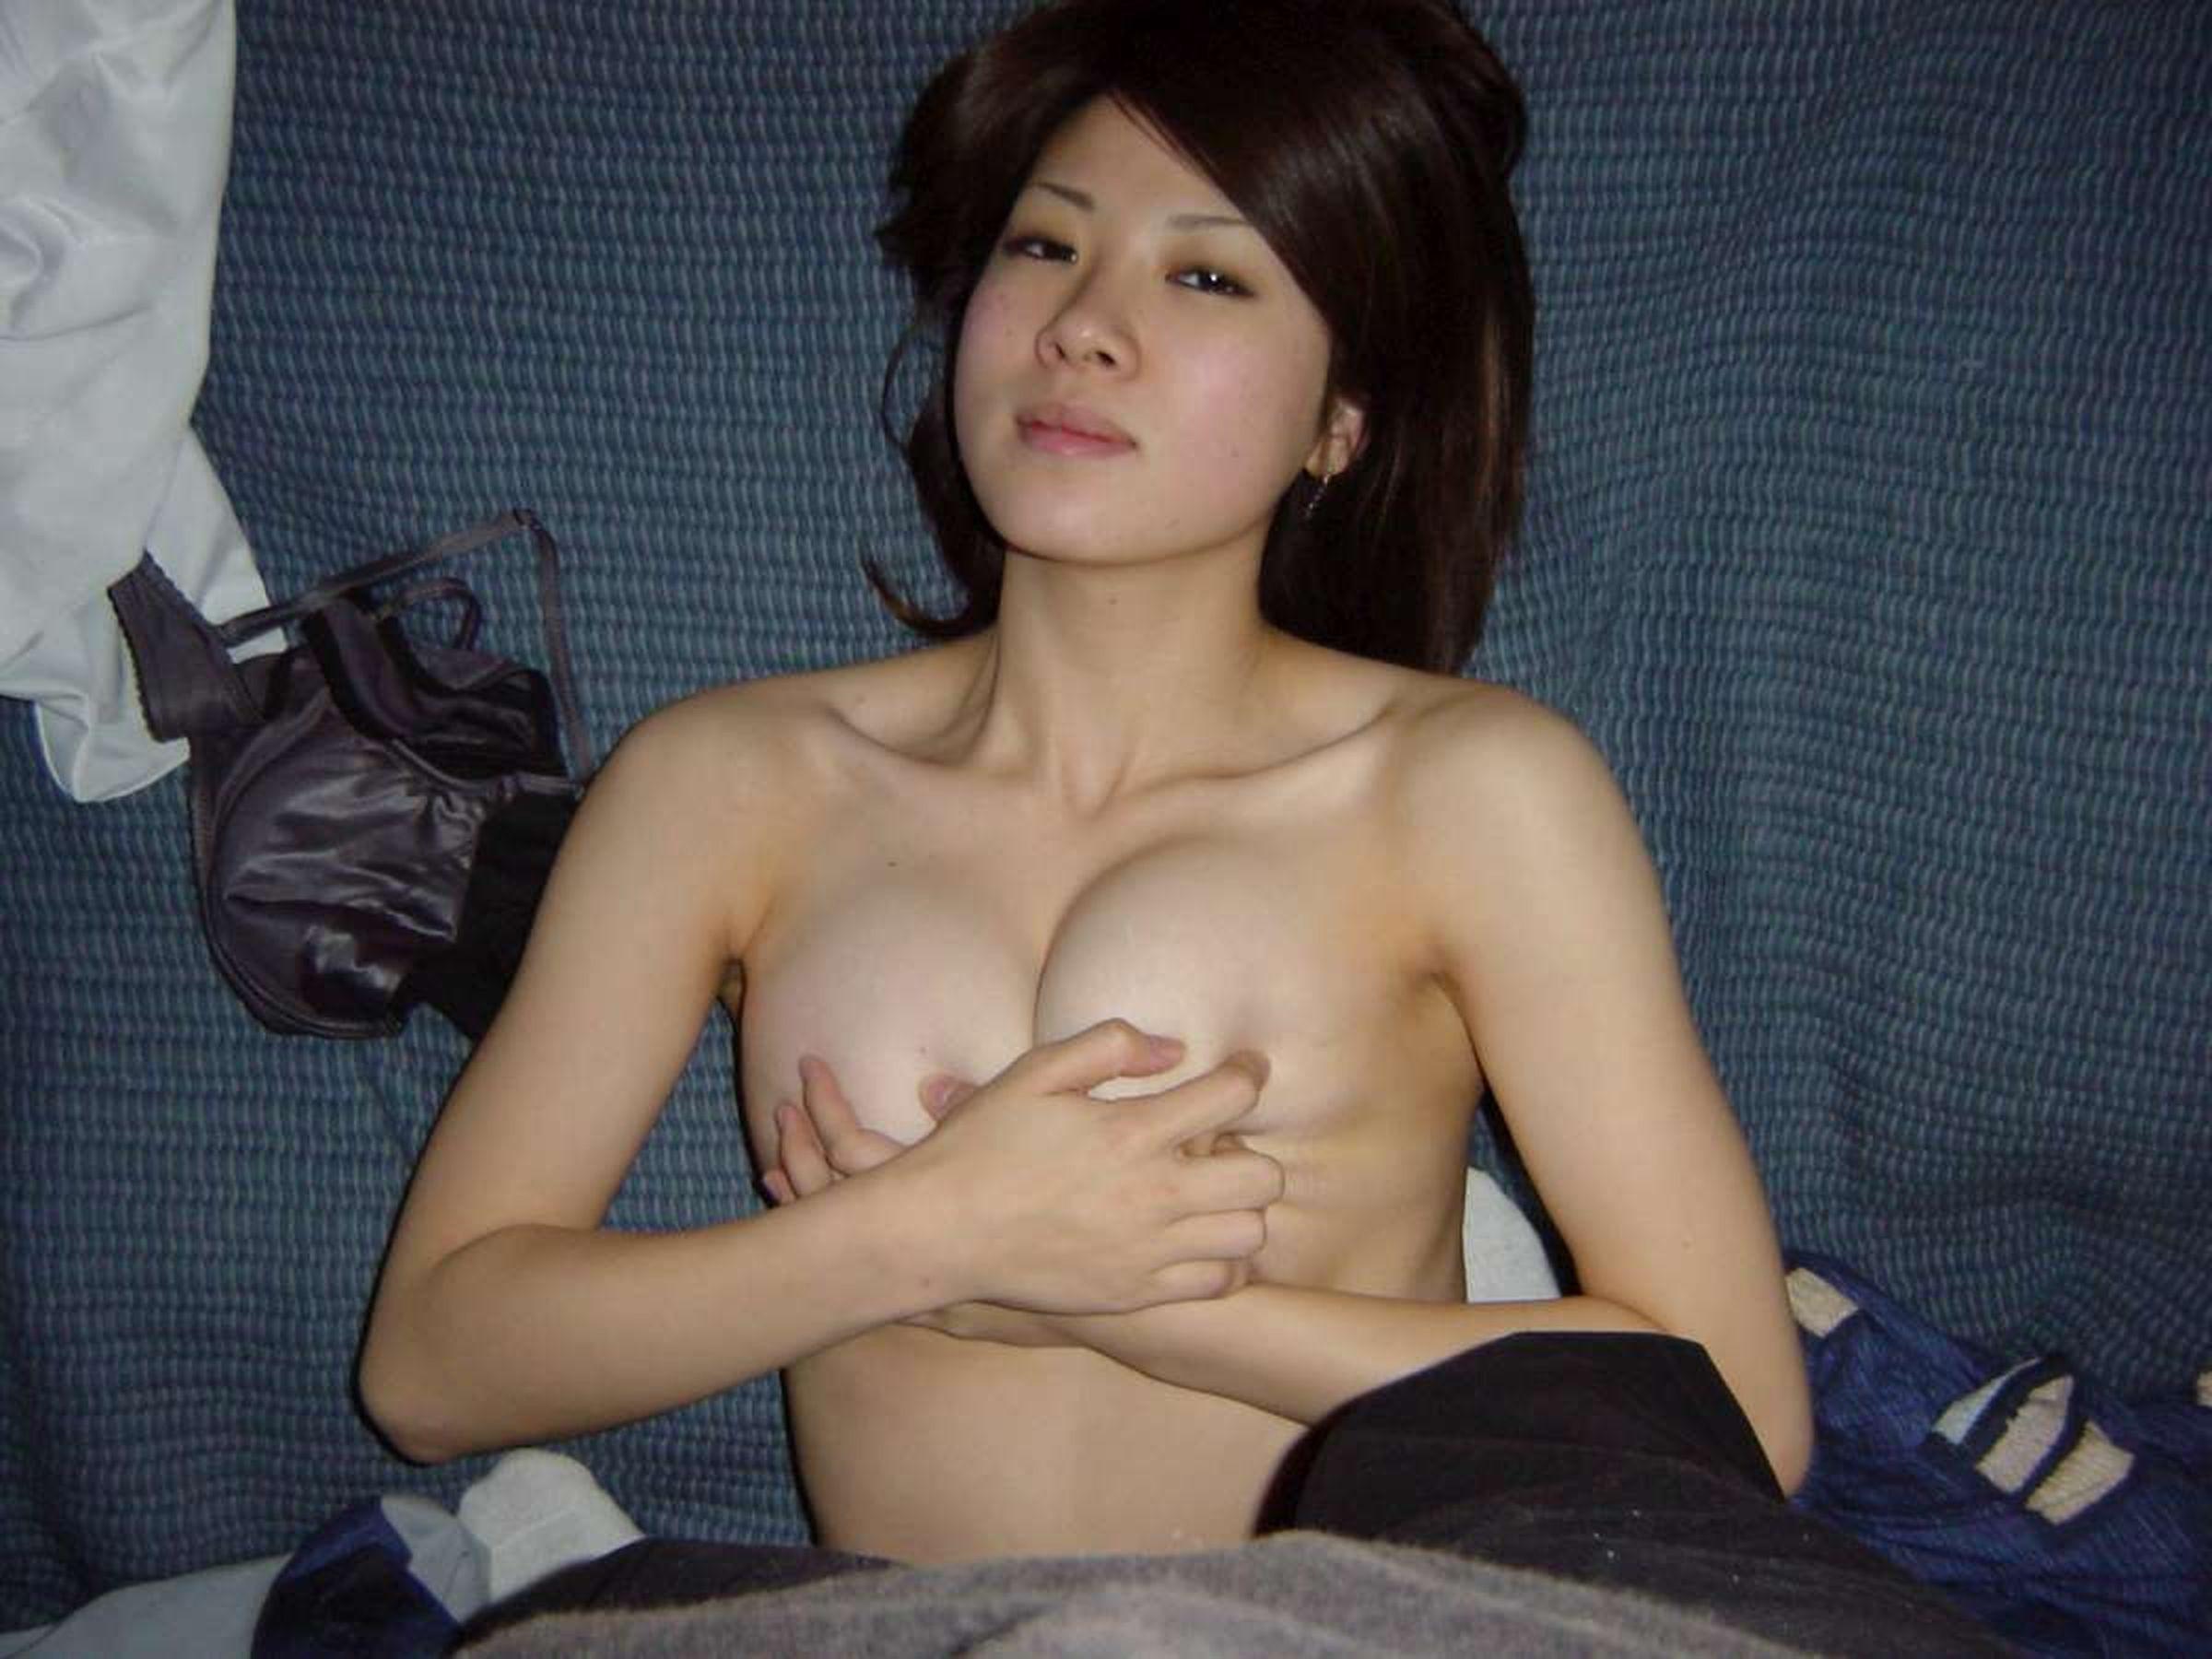 Смотреть порно секс с чукчей, Кончил чукче с крошечными сиськами в вагину 28 фотография